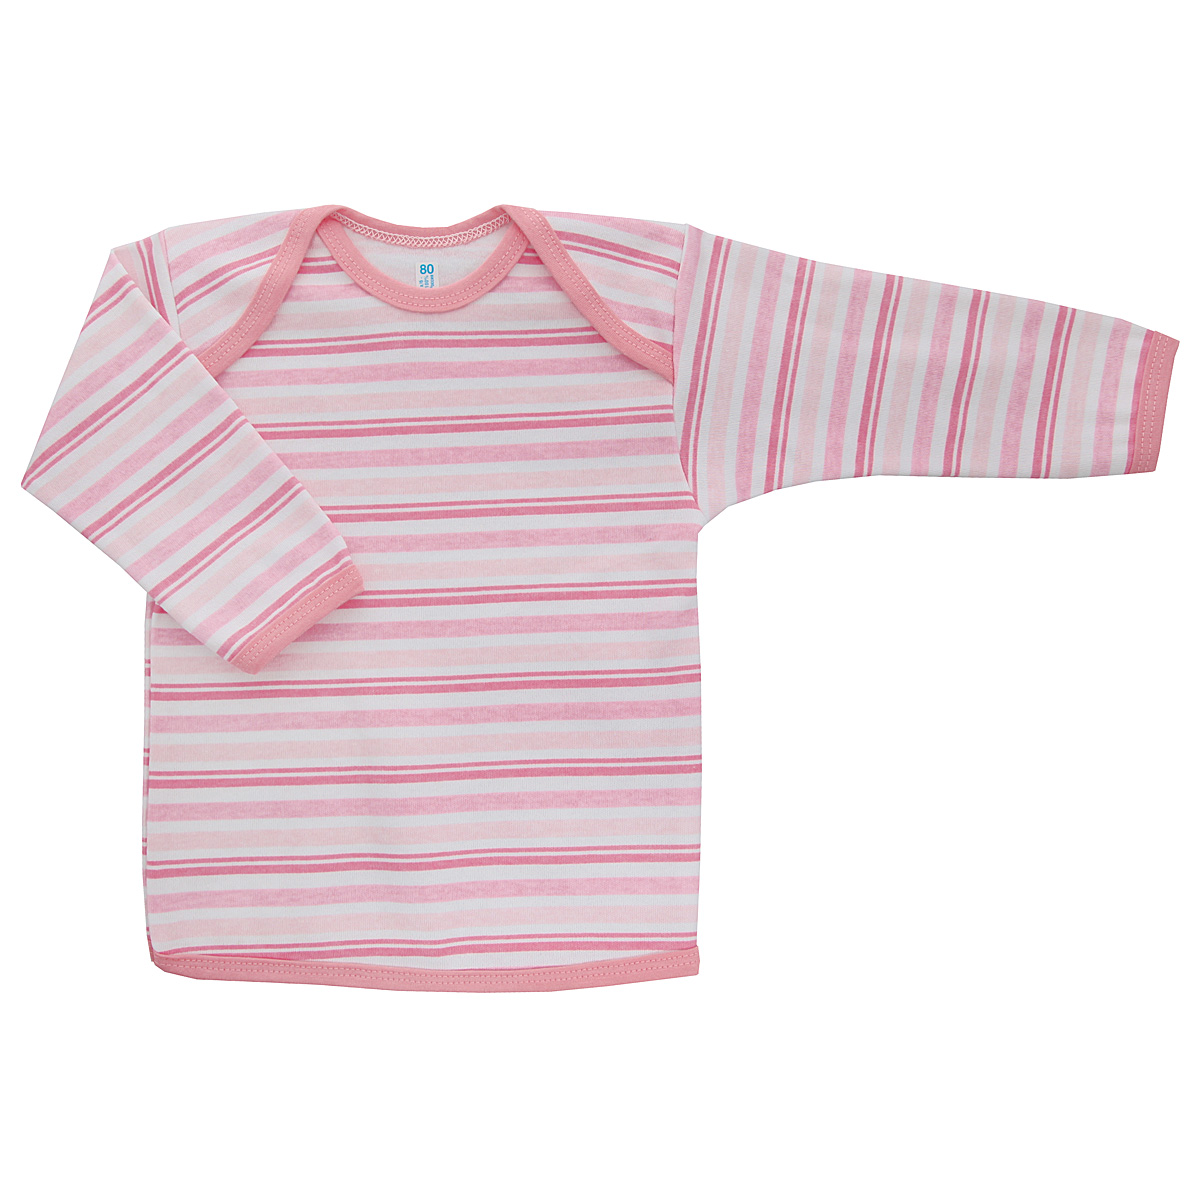 Футболка с длинным рукавом детская Трон-плюс, цвет: розовый, белый. 5611_полоска. Размер 80, 12 месяцев